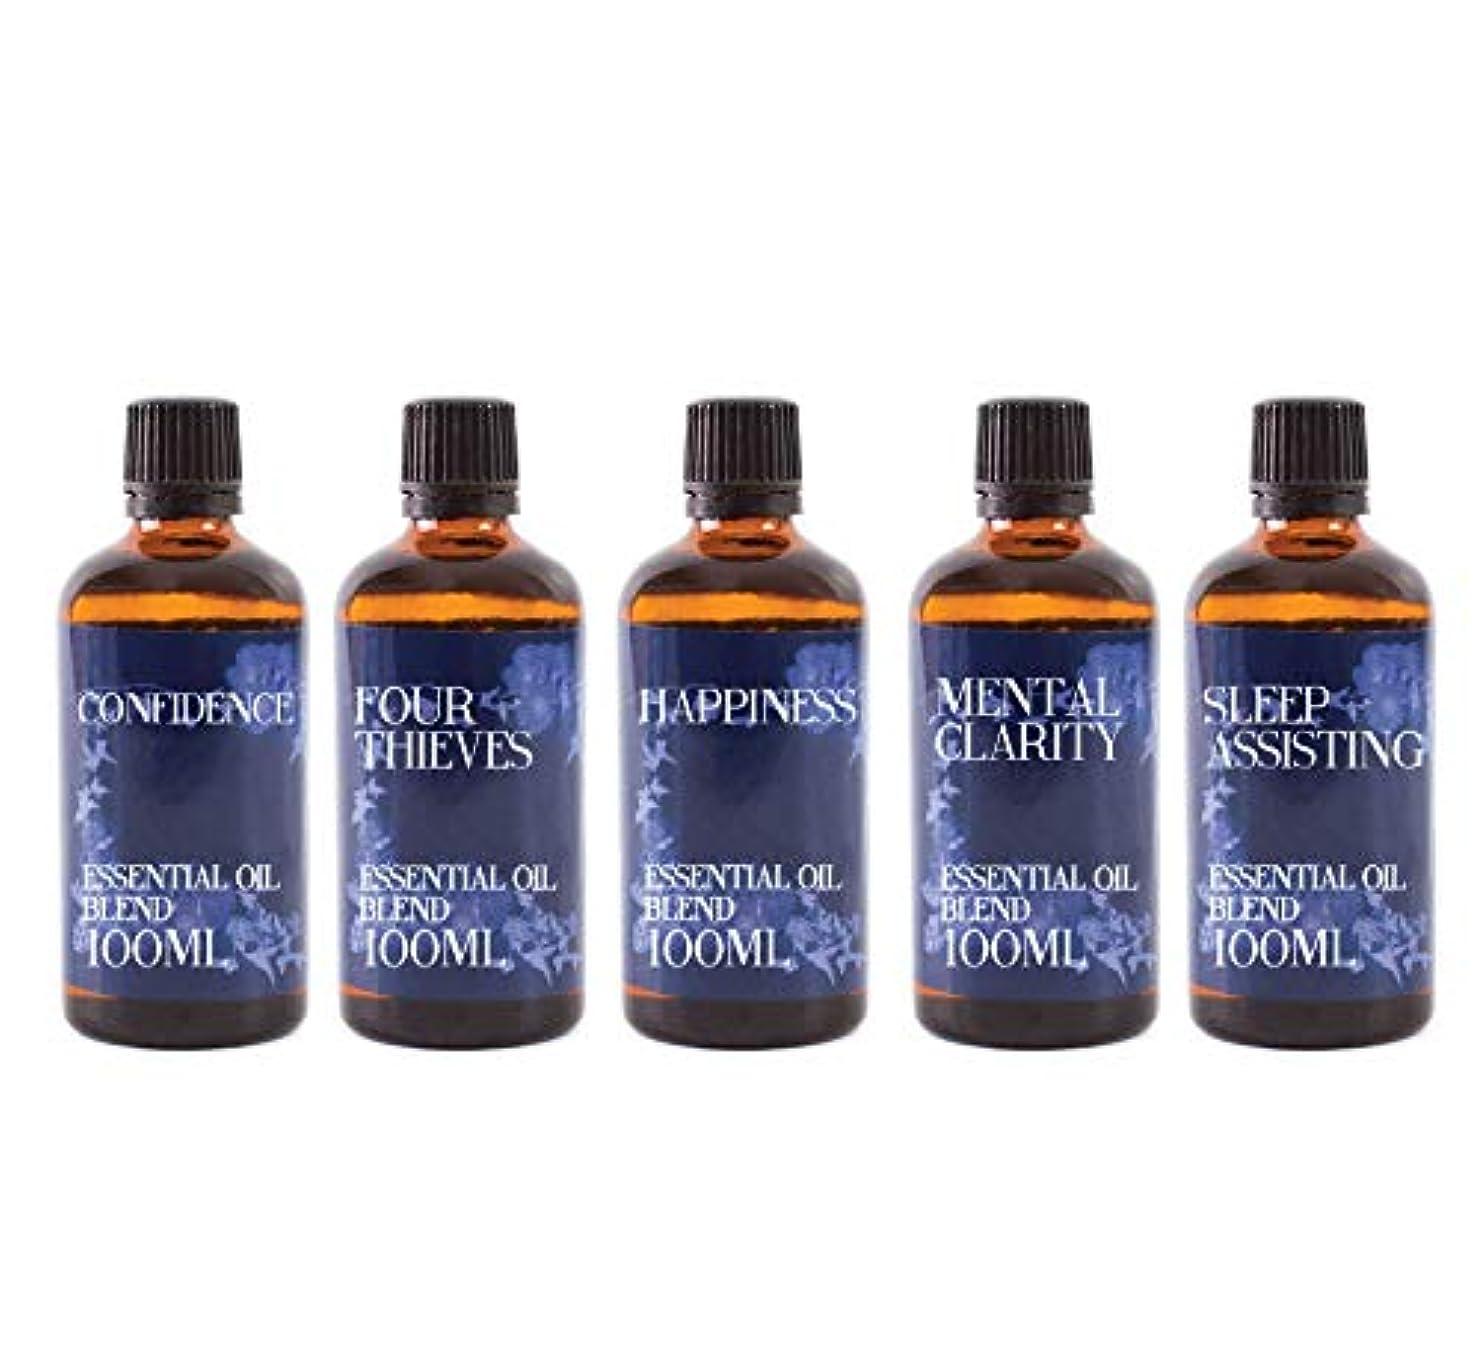 ブラザーメロディー失礼Mystix London | Gift Starter Pack of 5 x 100ml - Everyday Essentials - Essential Oil Blends